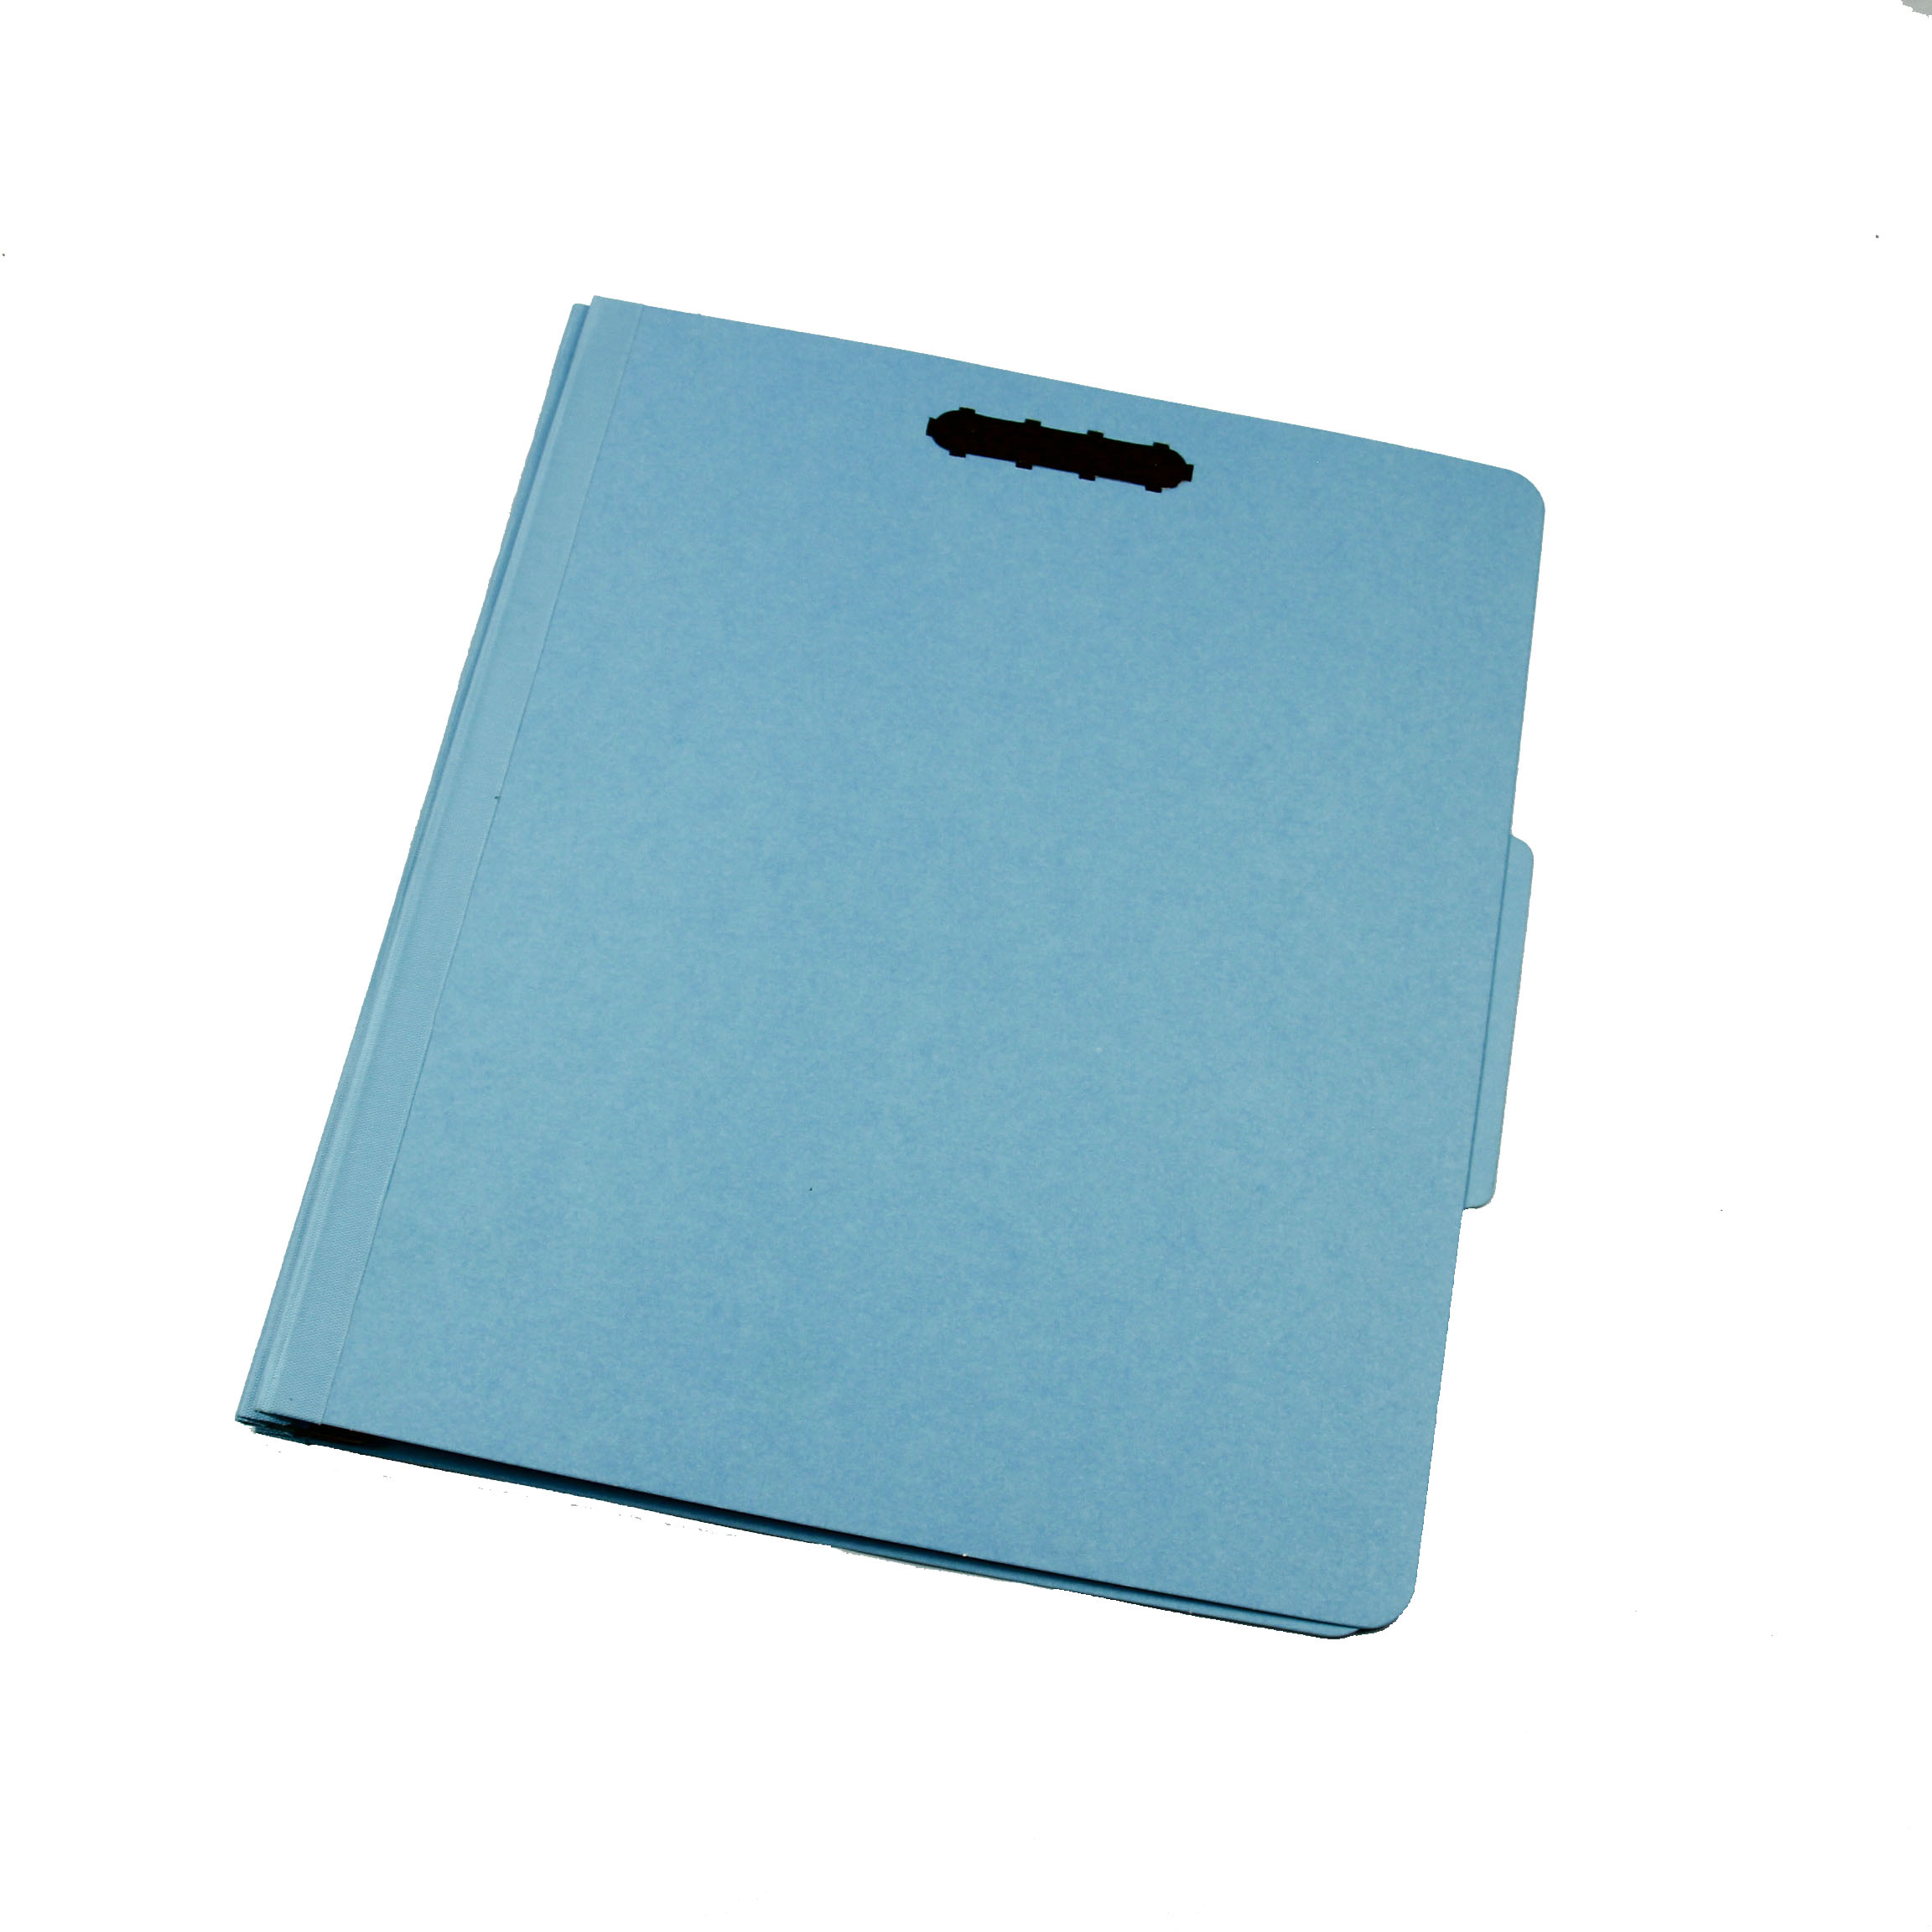 Темно-синий с логотипом Толстая папка для бумаг классификация папка для файлов A4